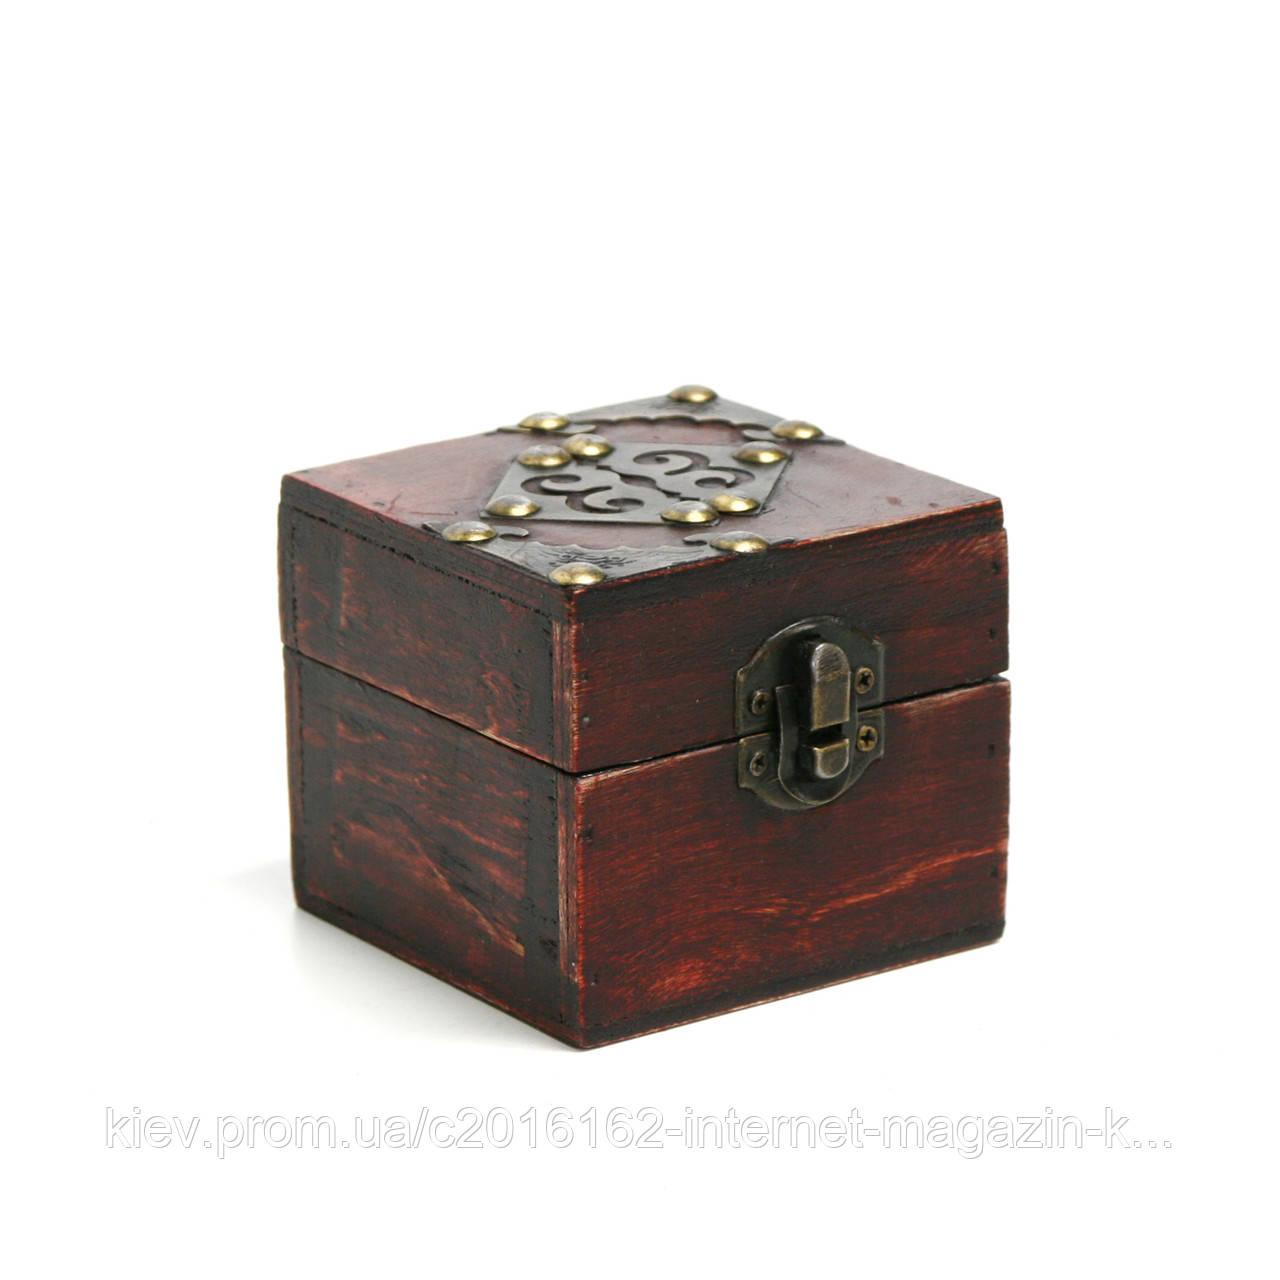 Шкатулочка деревянная Home4You BAO-2  8x8x7cm  brown  wood